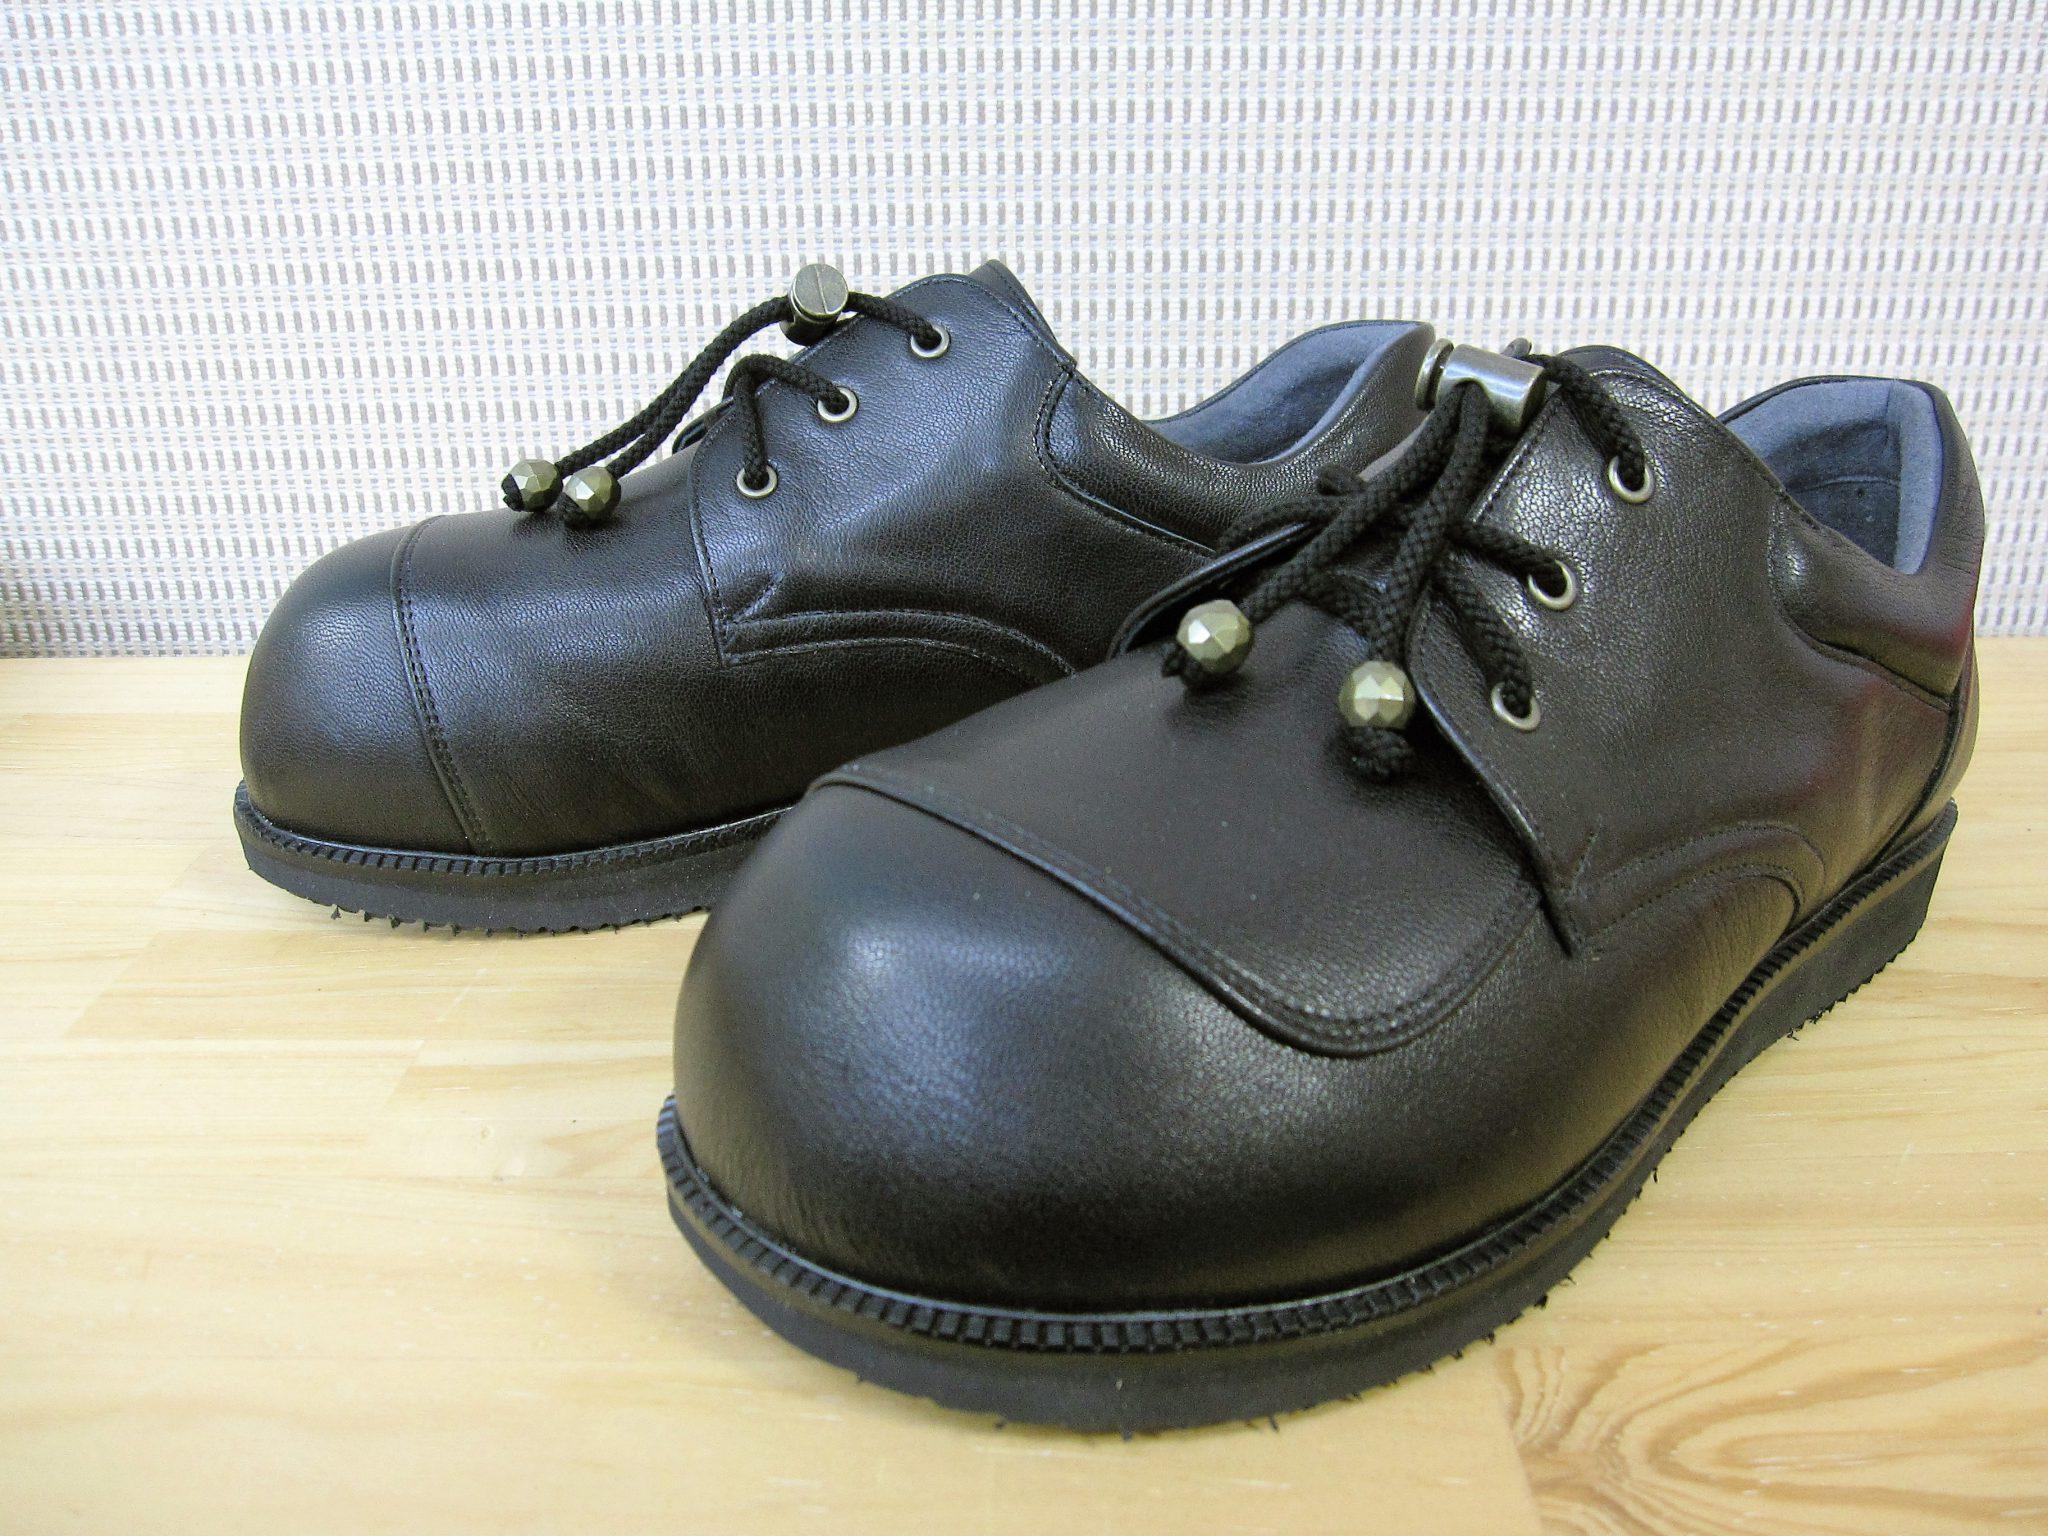 リウマチの方の足にやさしい靴・オーダーメイドシューズ